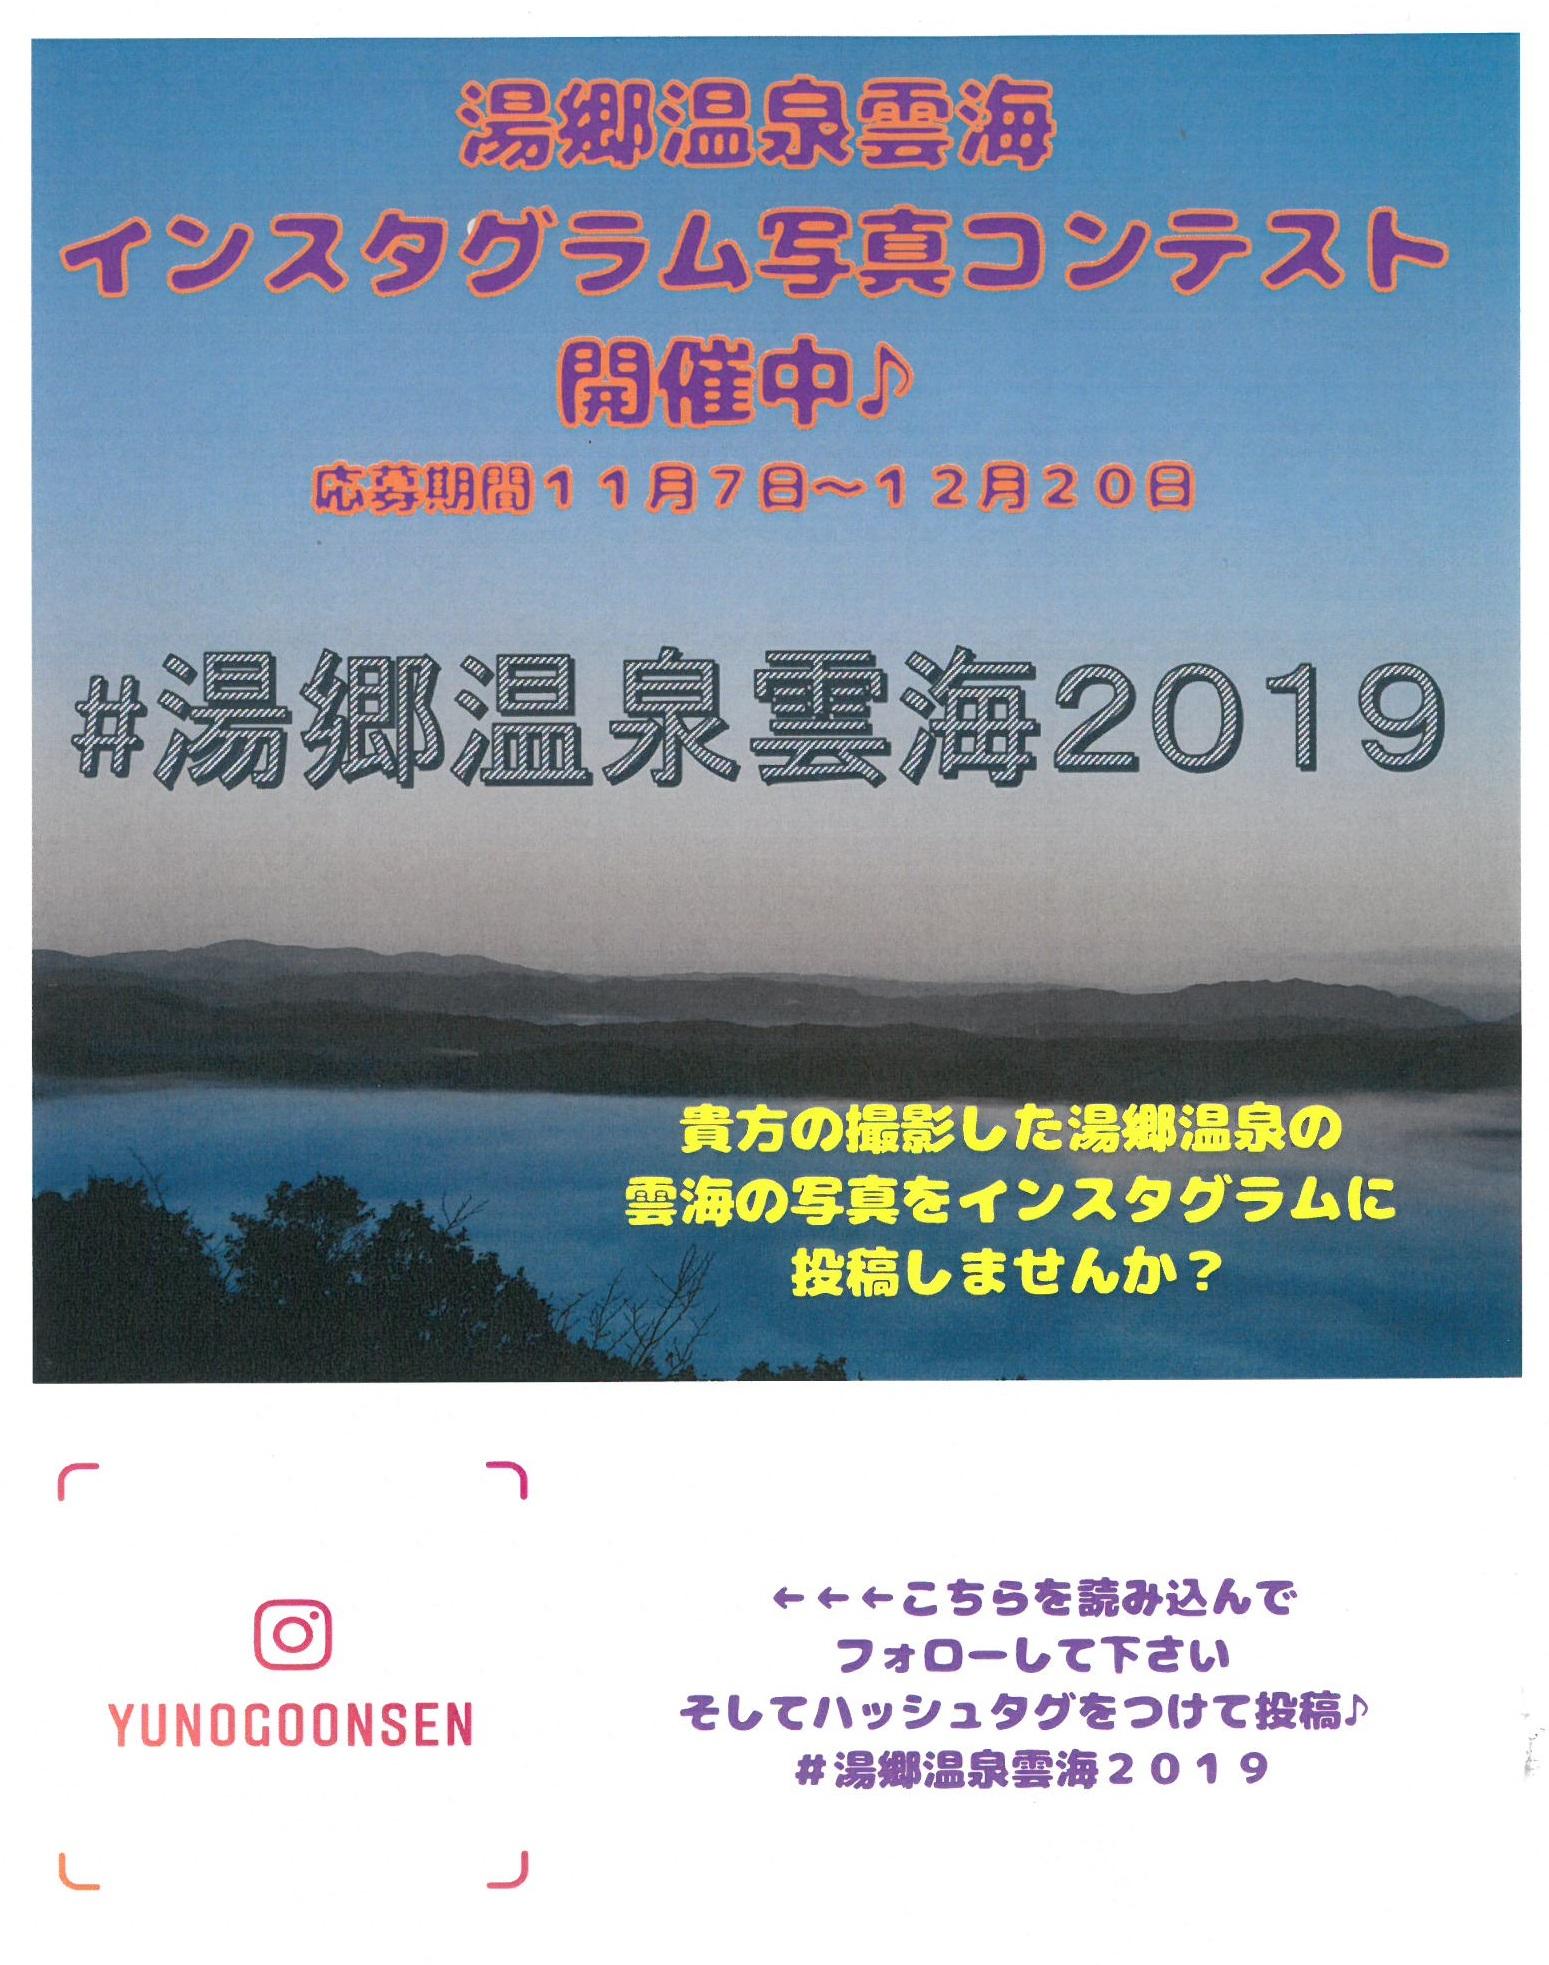 湯郷温泉雲海コンテストチラシ1